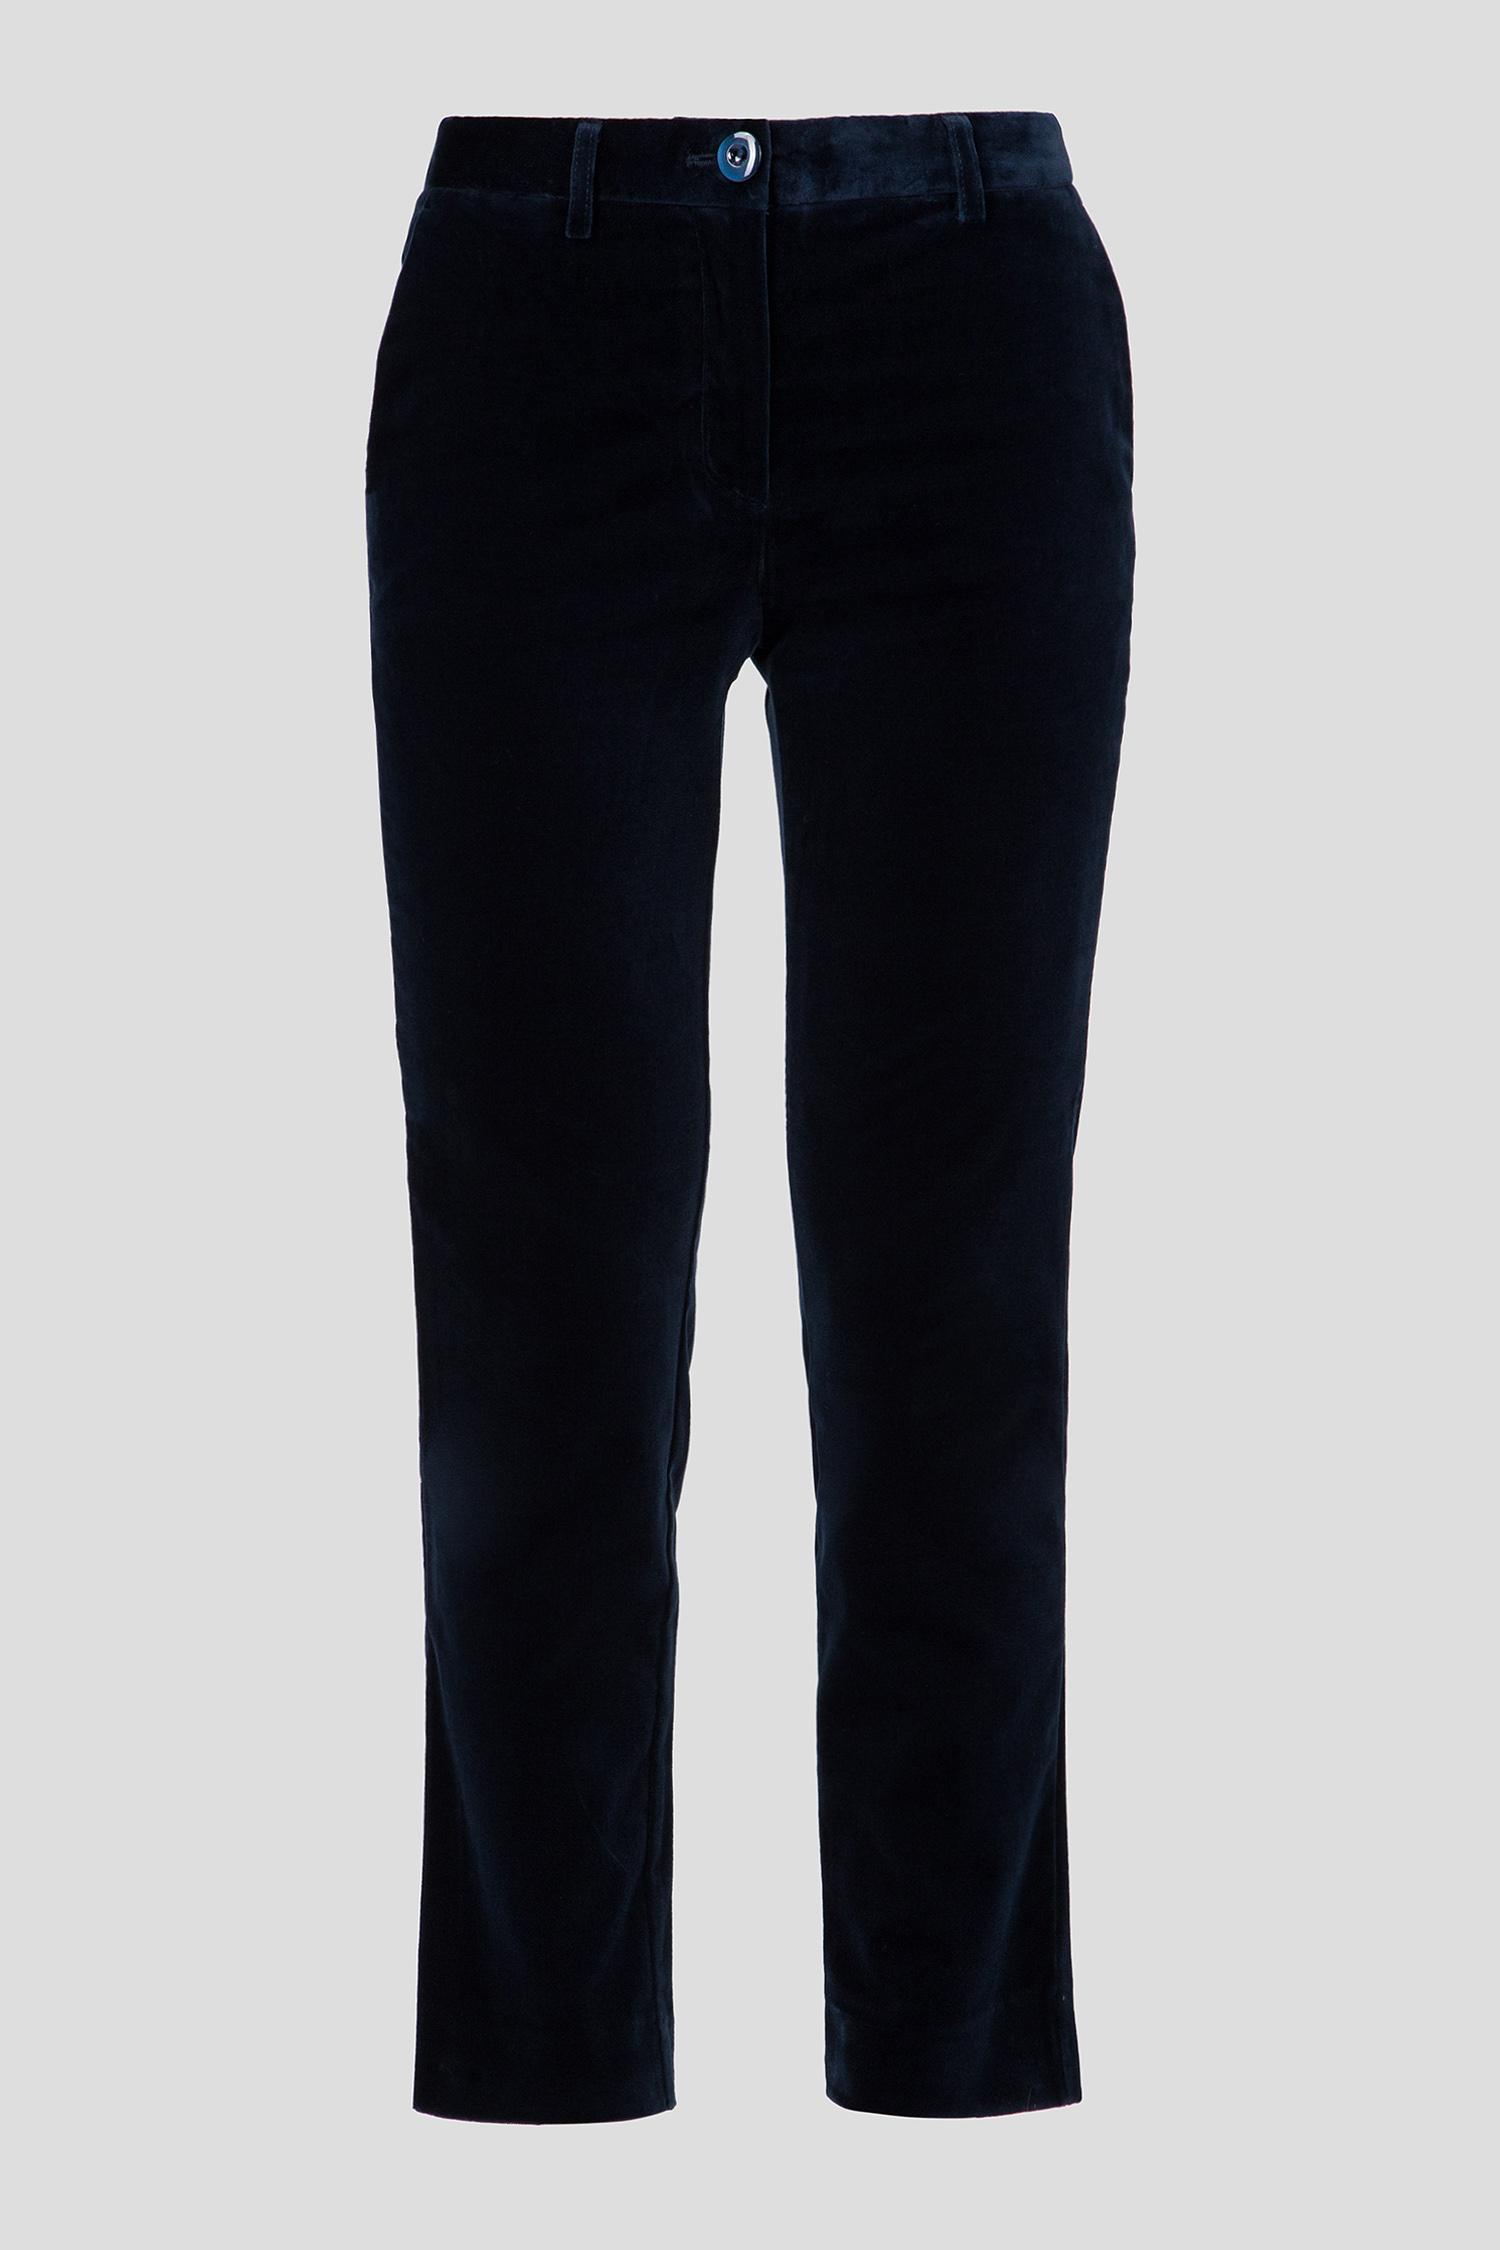 Женские синие бархатные брюки Skills & Genes